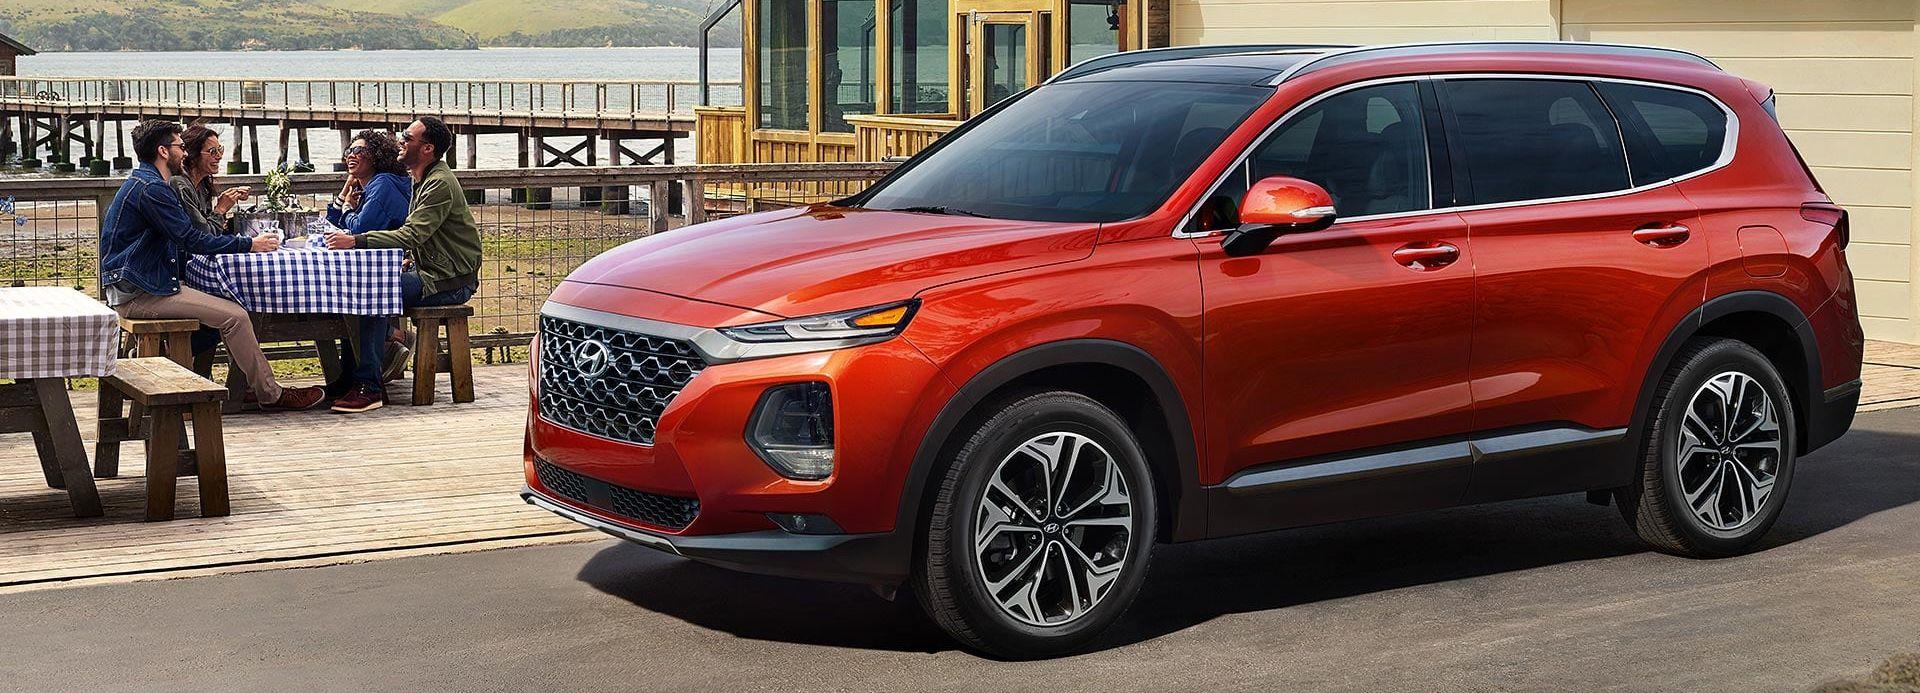 2019 Hyundai Santa Fe Leasing near Springfield, VA